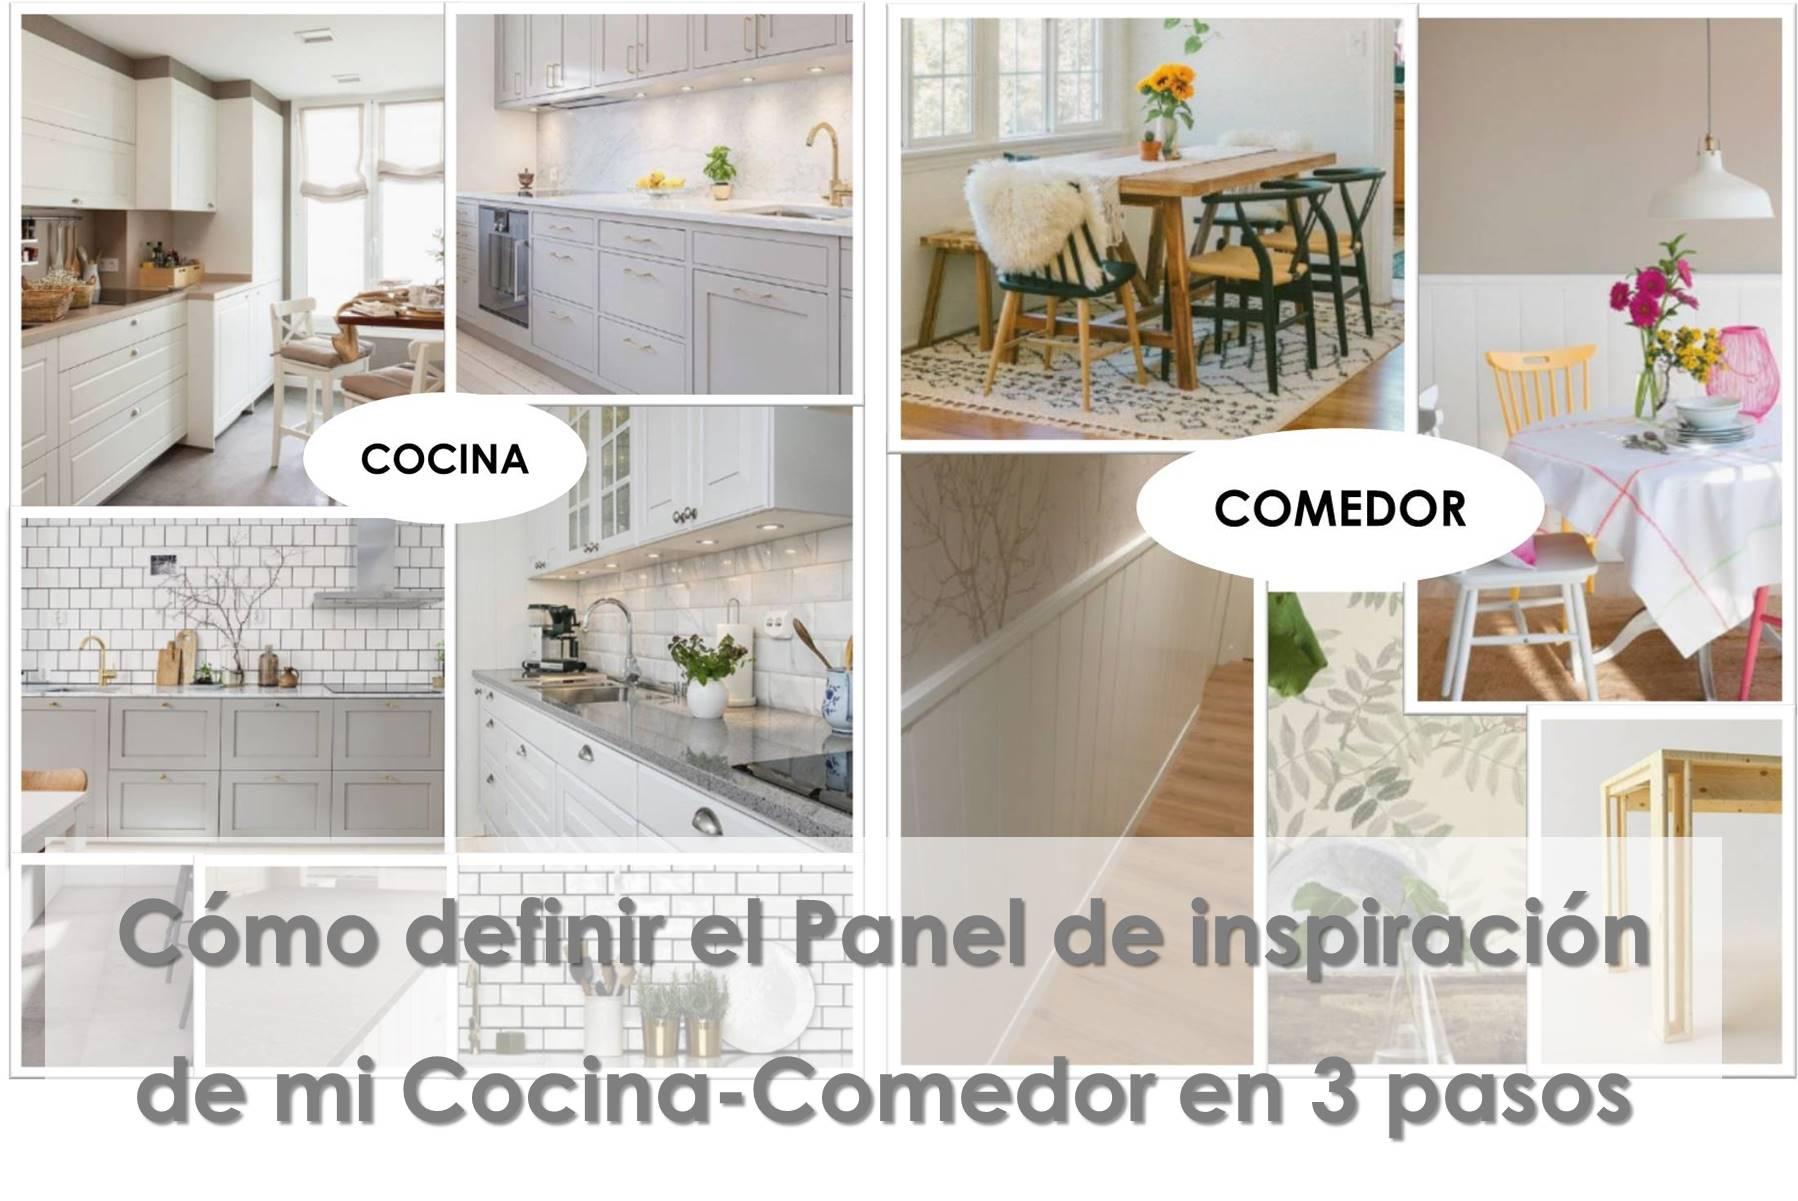 Cómo definir el panel de inspiración de mi cocina-comedor en 3 pasos 4